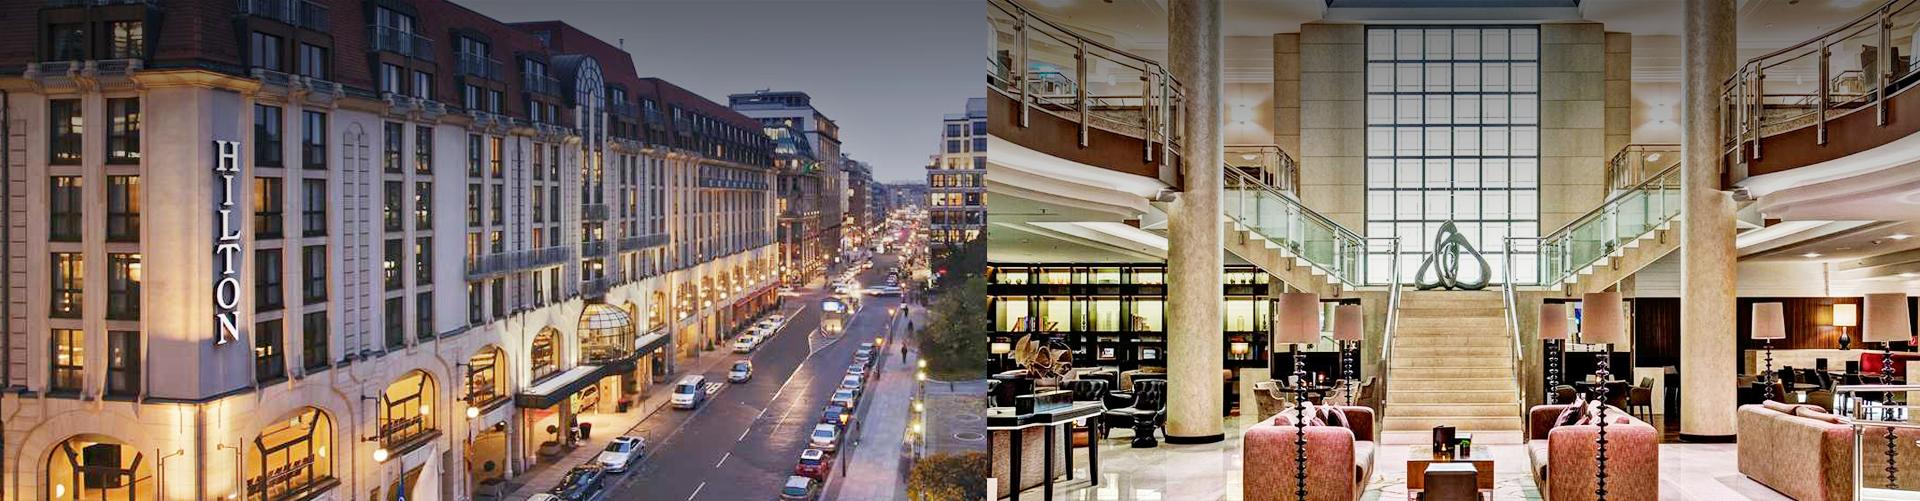 Hotel-location_Hilton-Hotel_WEB